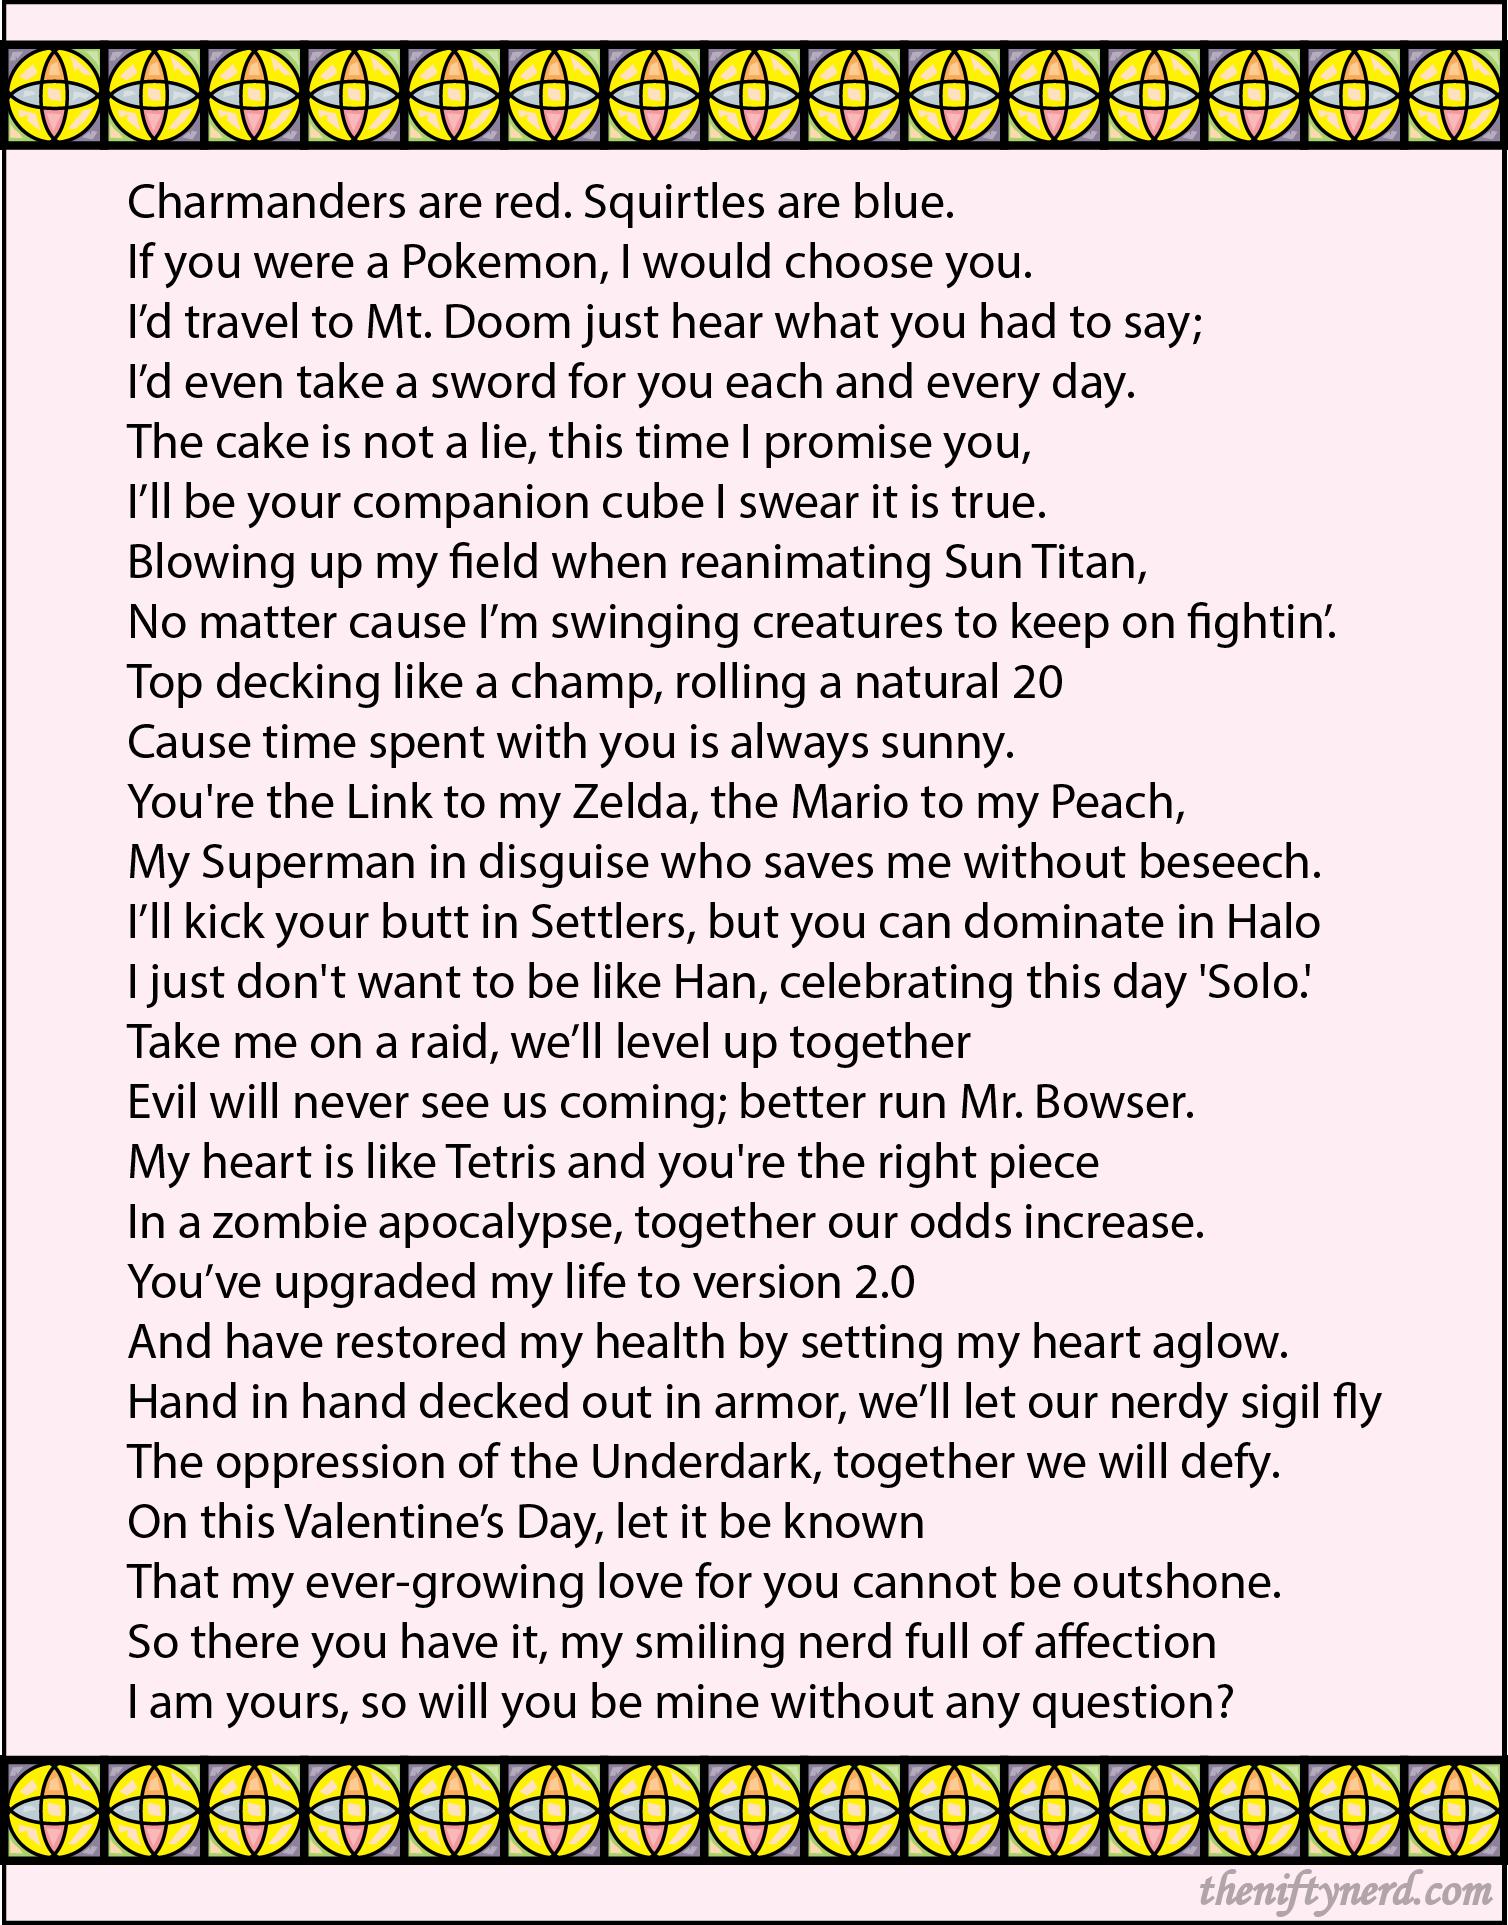 nerdy valentine's day poem